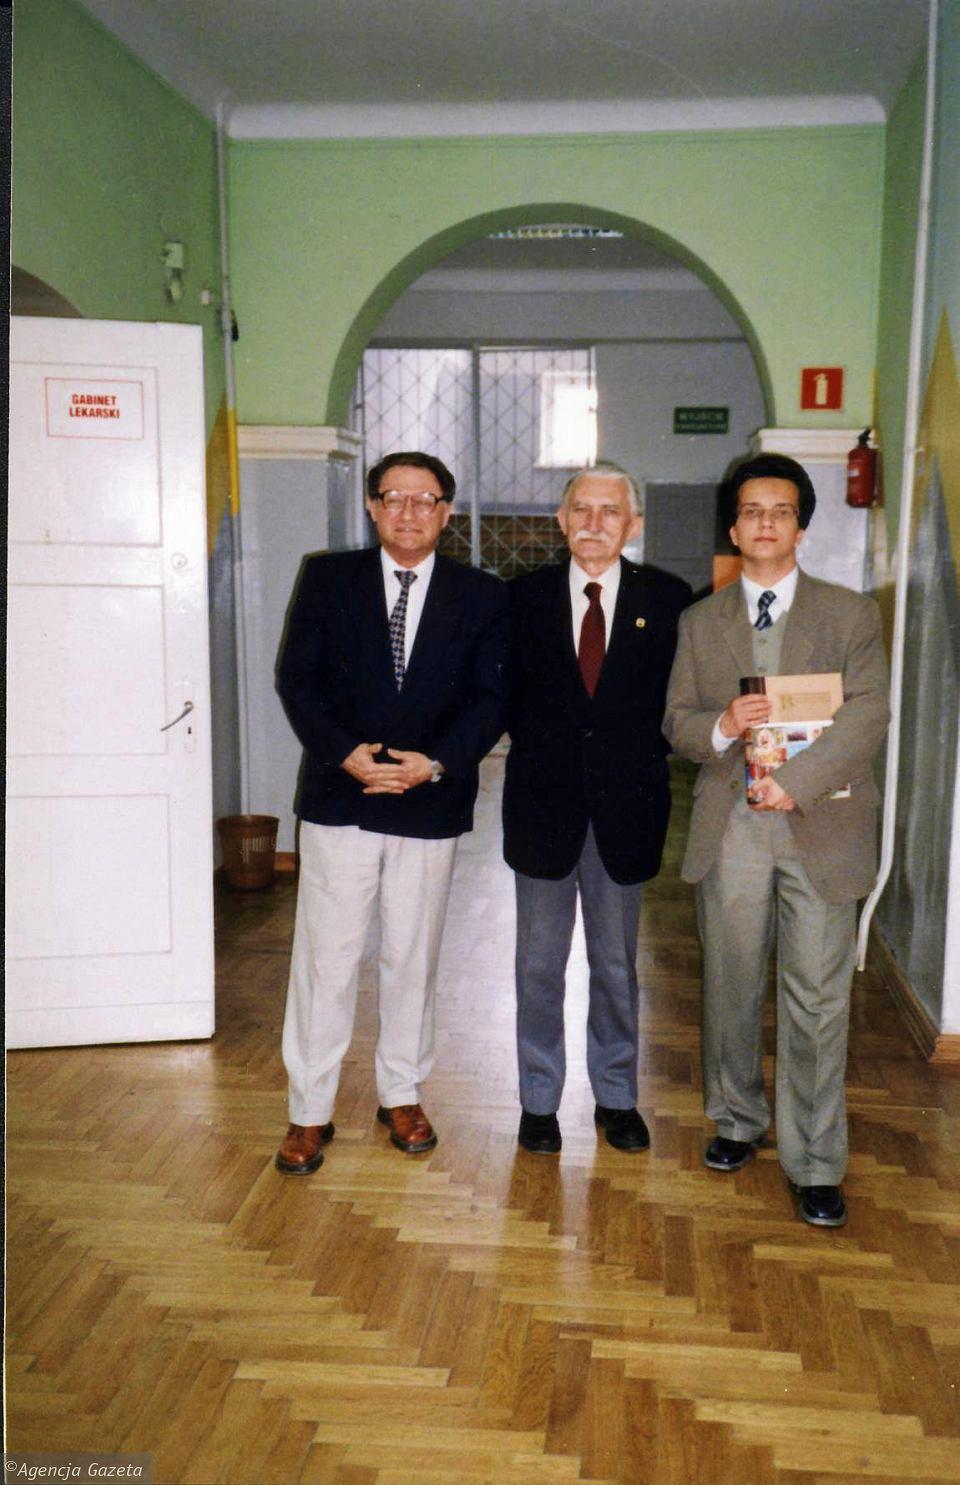 Adrian Szary wraz ze swoim nauczycielem Wiesławem Cieślikiem i prawnukiem Marii Konopnickiej Janem Bieleckim